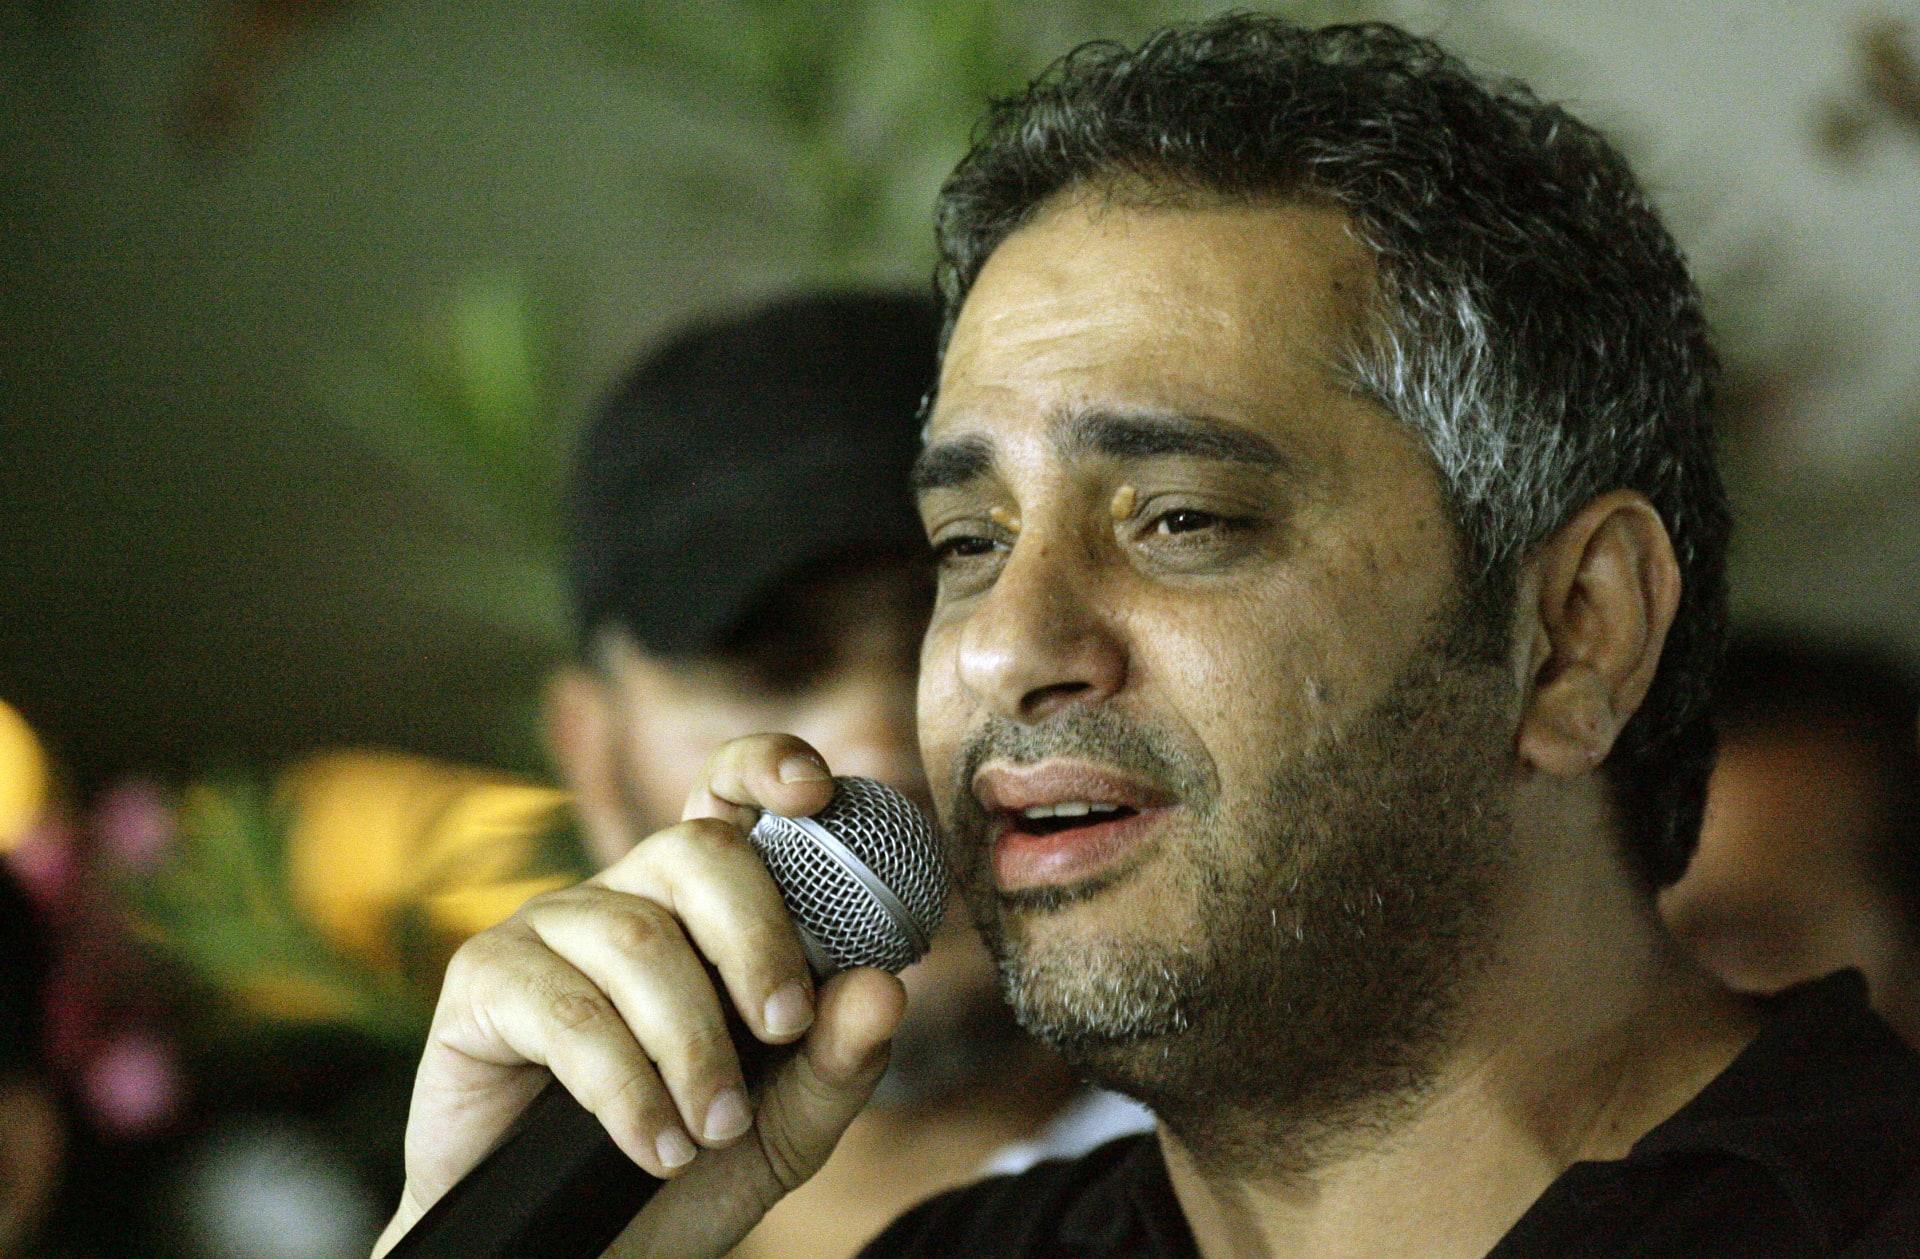 محكمة عسكرية لبنانية تحكم على فضل شاكر بالسجن 22 عاماً مع الأشغال الشاقة